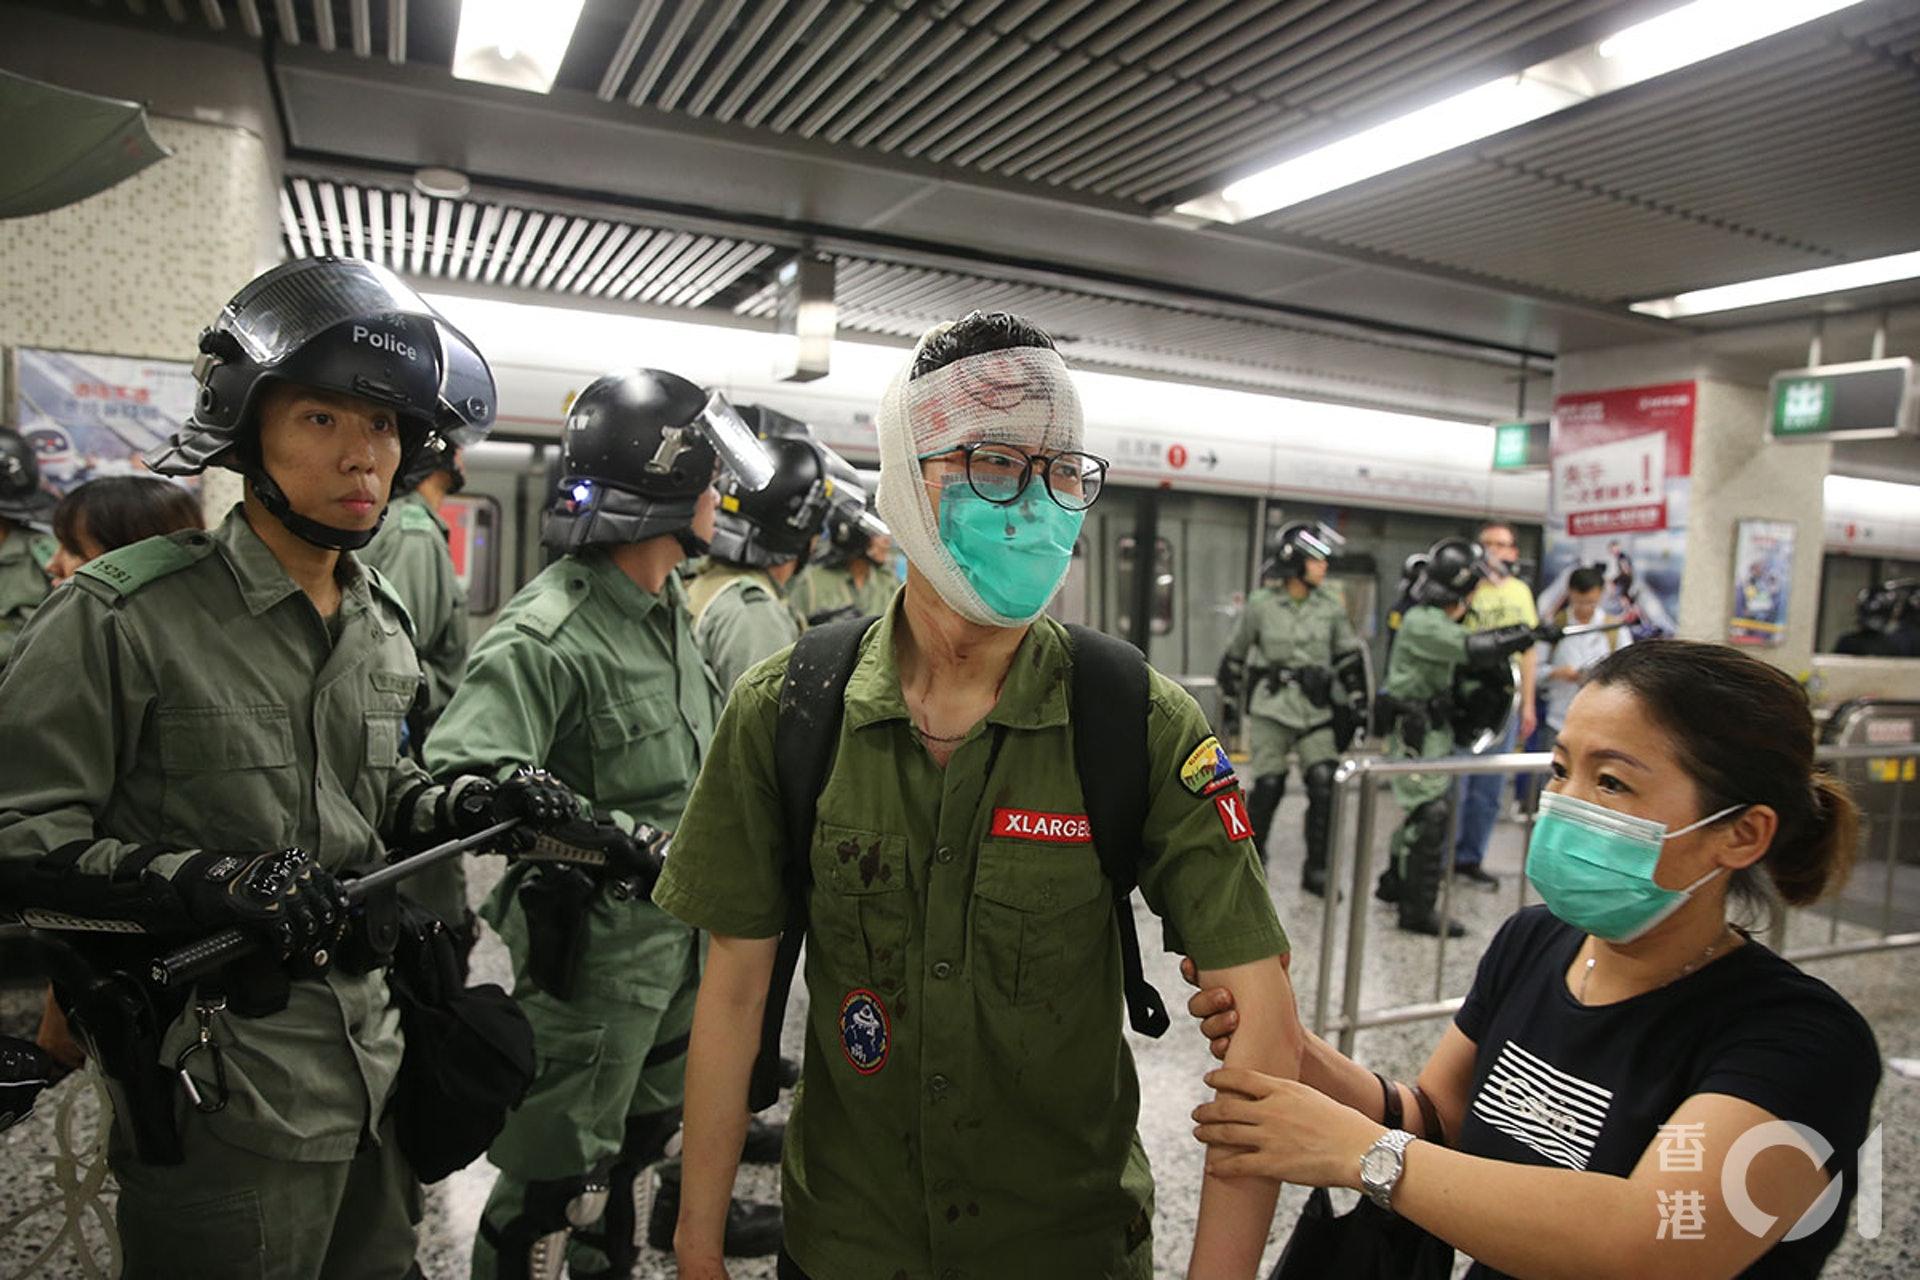 831遊行示威衝突,晚上11點,警方在太子站列車和月台內,拘捕示威者,期間在車廂內施放胡椒噴霧、揮動警棍,有人流血受傷。圖為傷者在車廂內獲義務急救員急救,抵達油麻地站。(蔡正邦攝)